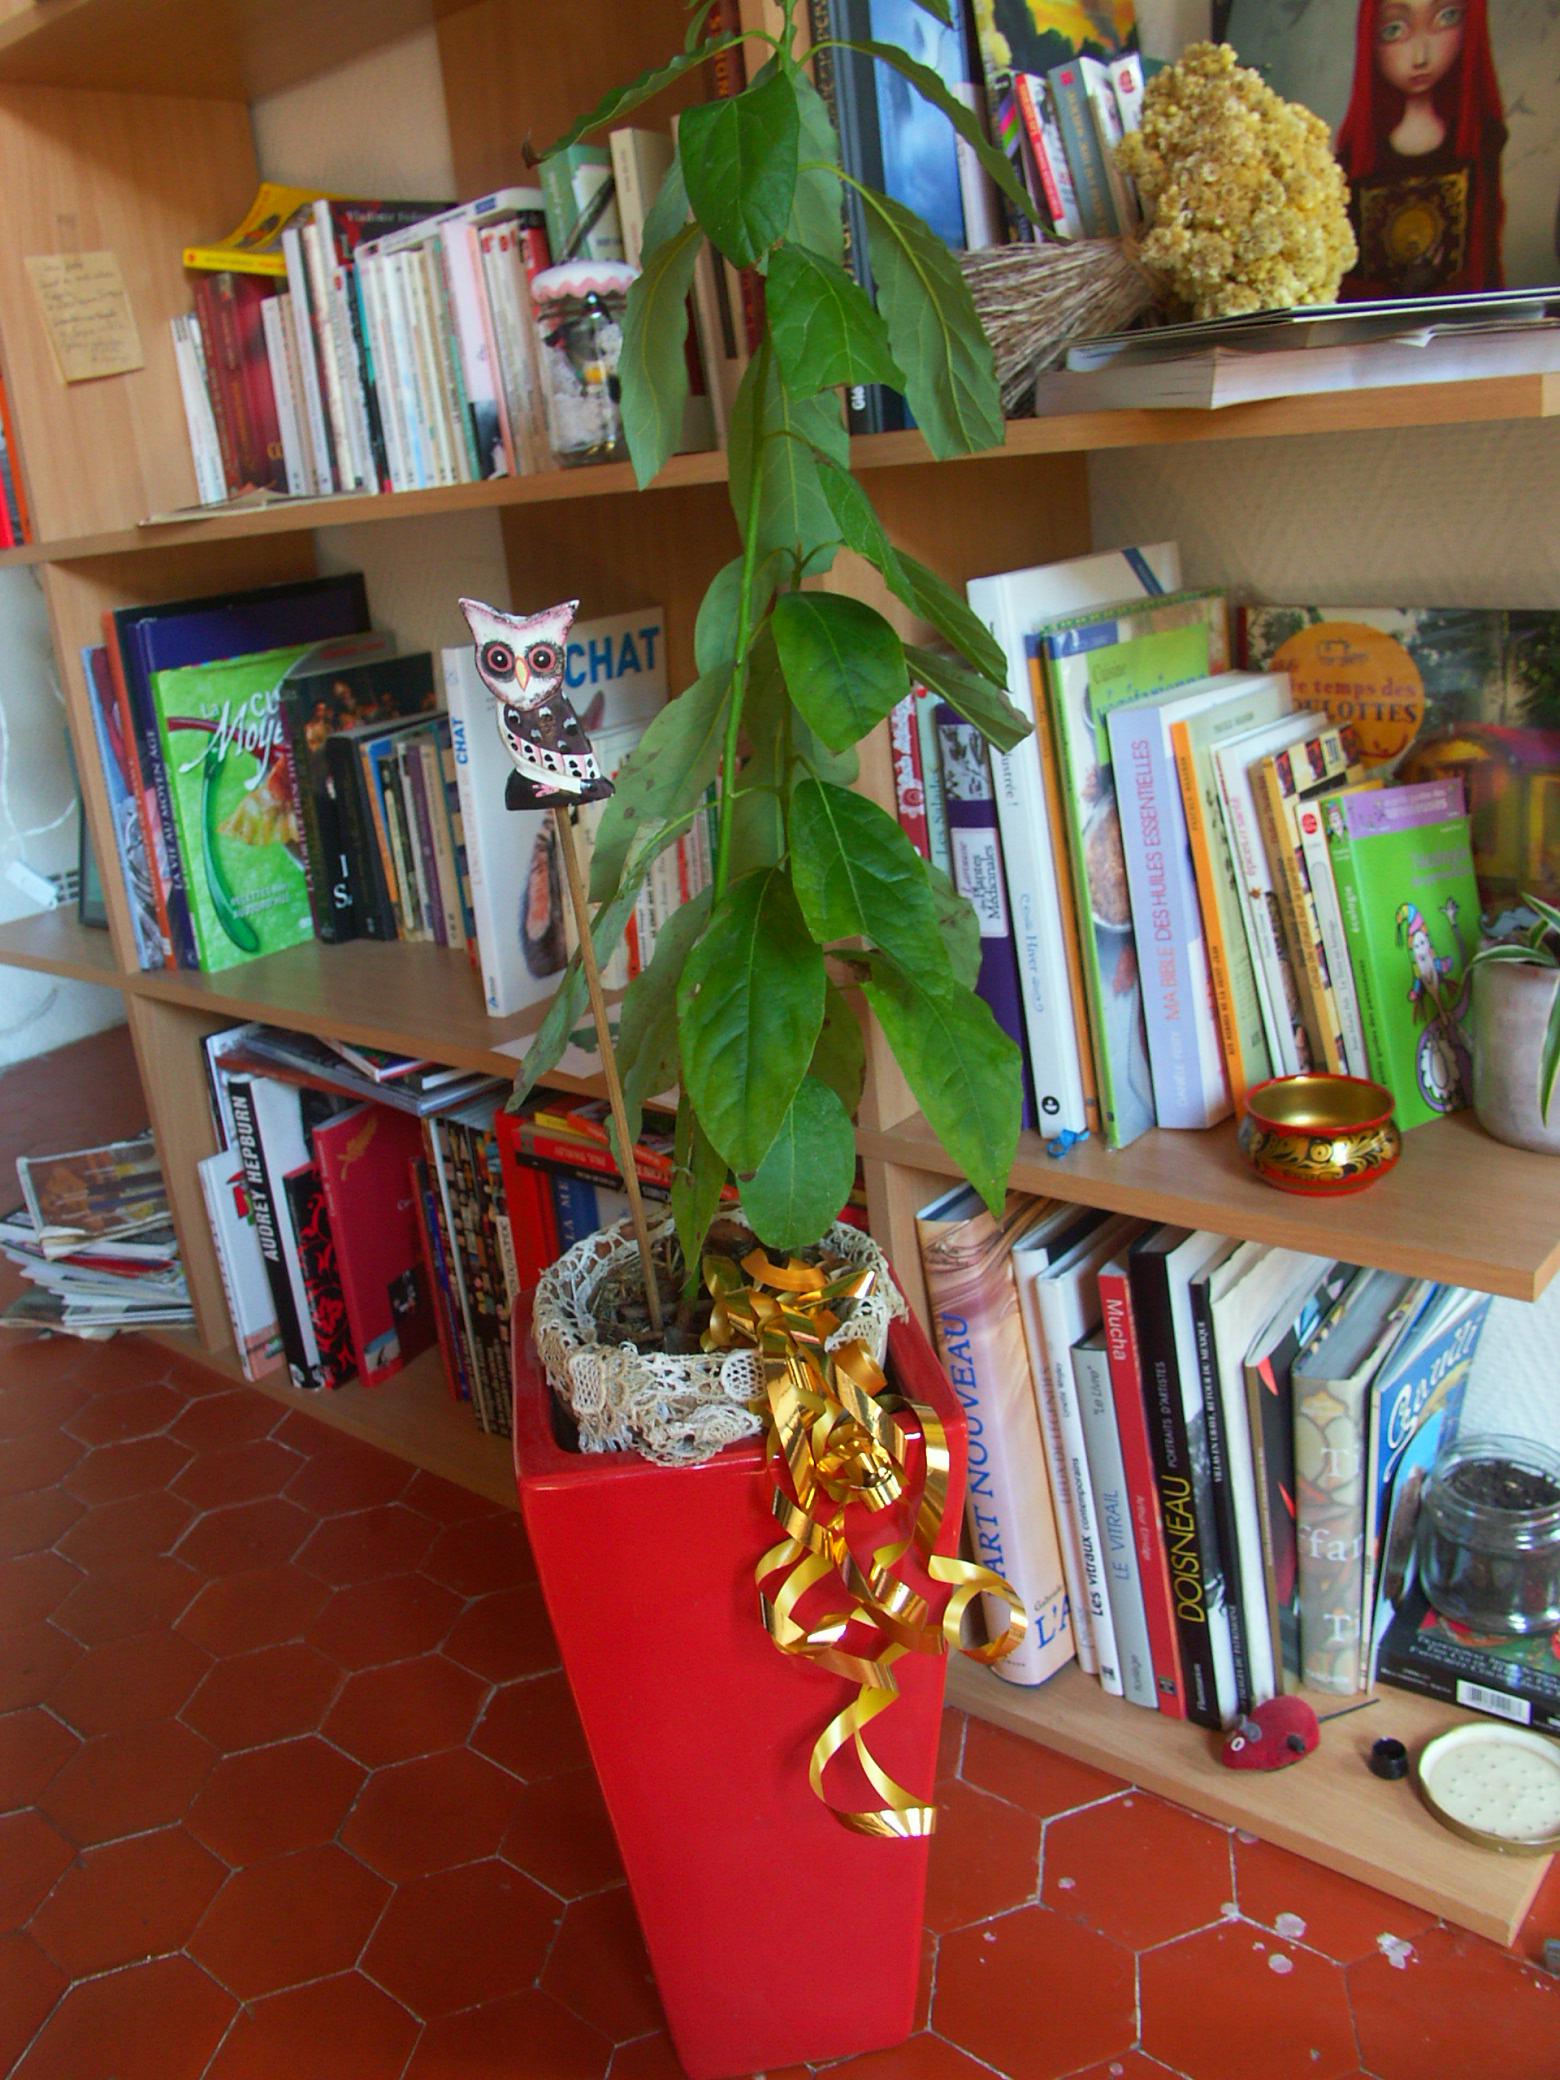 El avocado (crédit photo : Dormance Petit chat Grain)